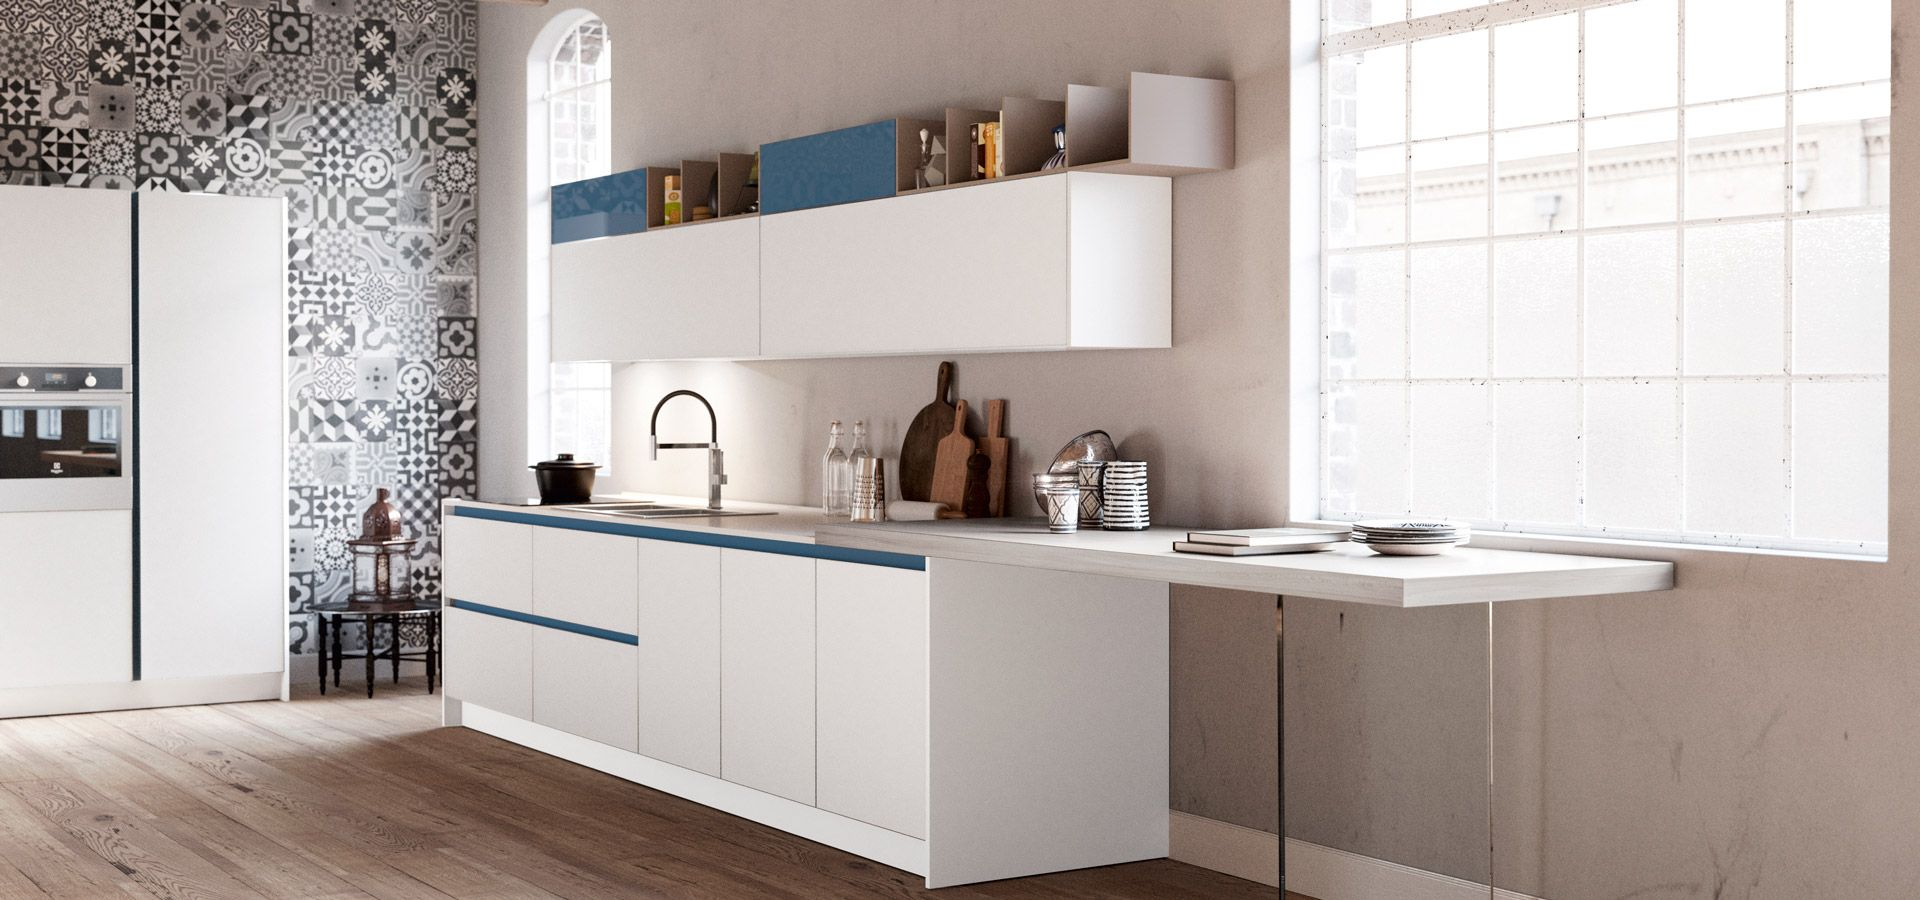 Cucina Moderna - GLASS Finitura Bianco Opaco   Gola laccata Denim ...